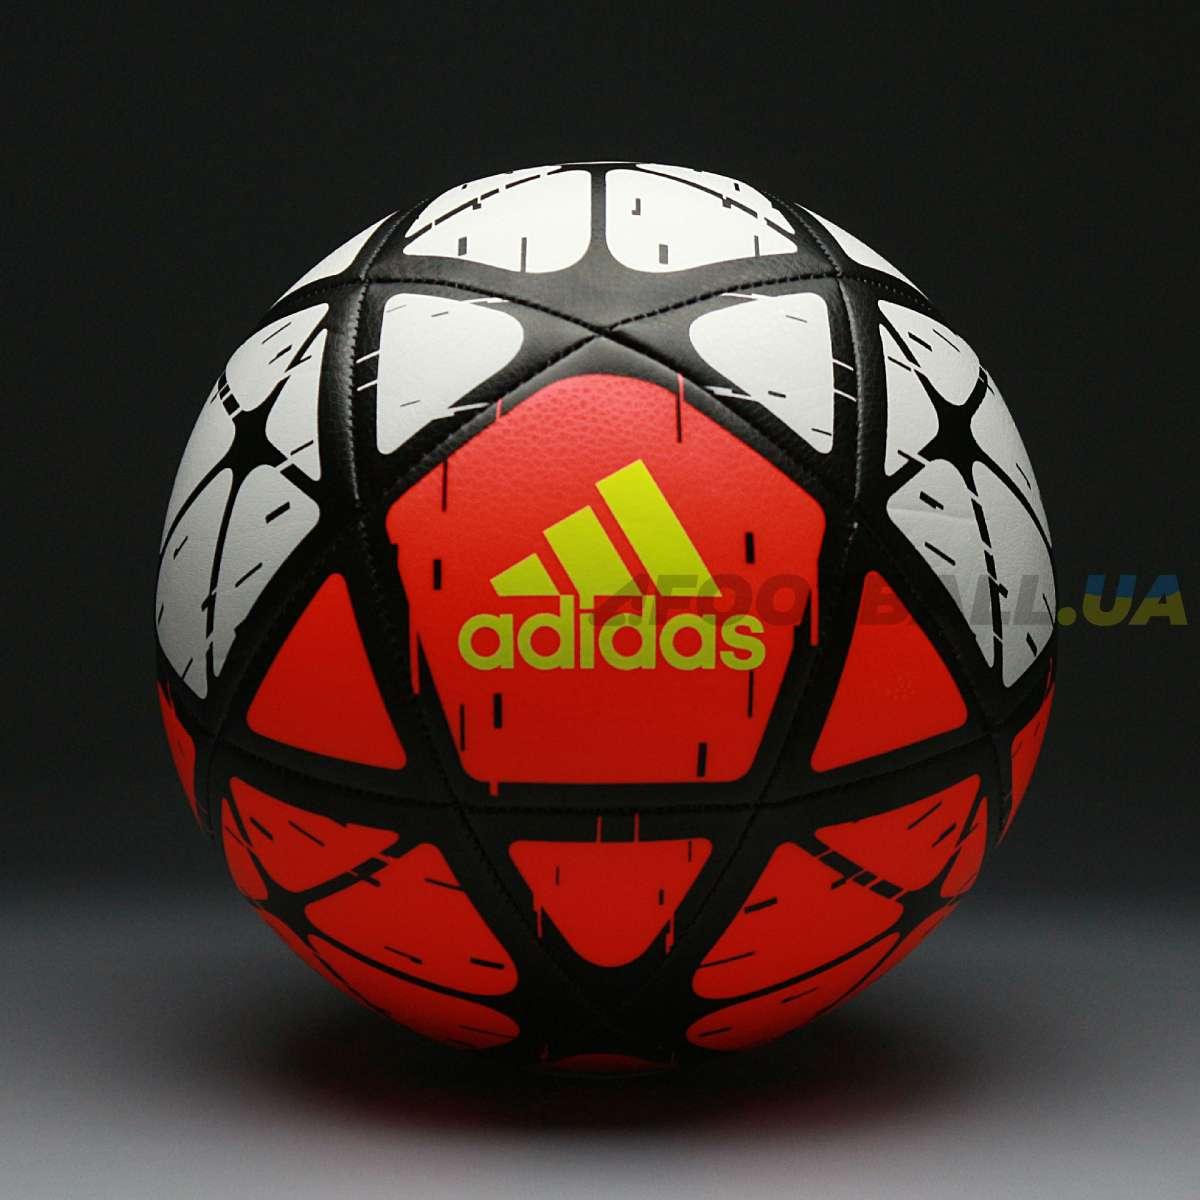 ... Футбольный Мяч Adidas Glider CW4169 №5 2 ... d428faf43c70c